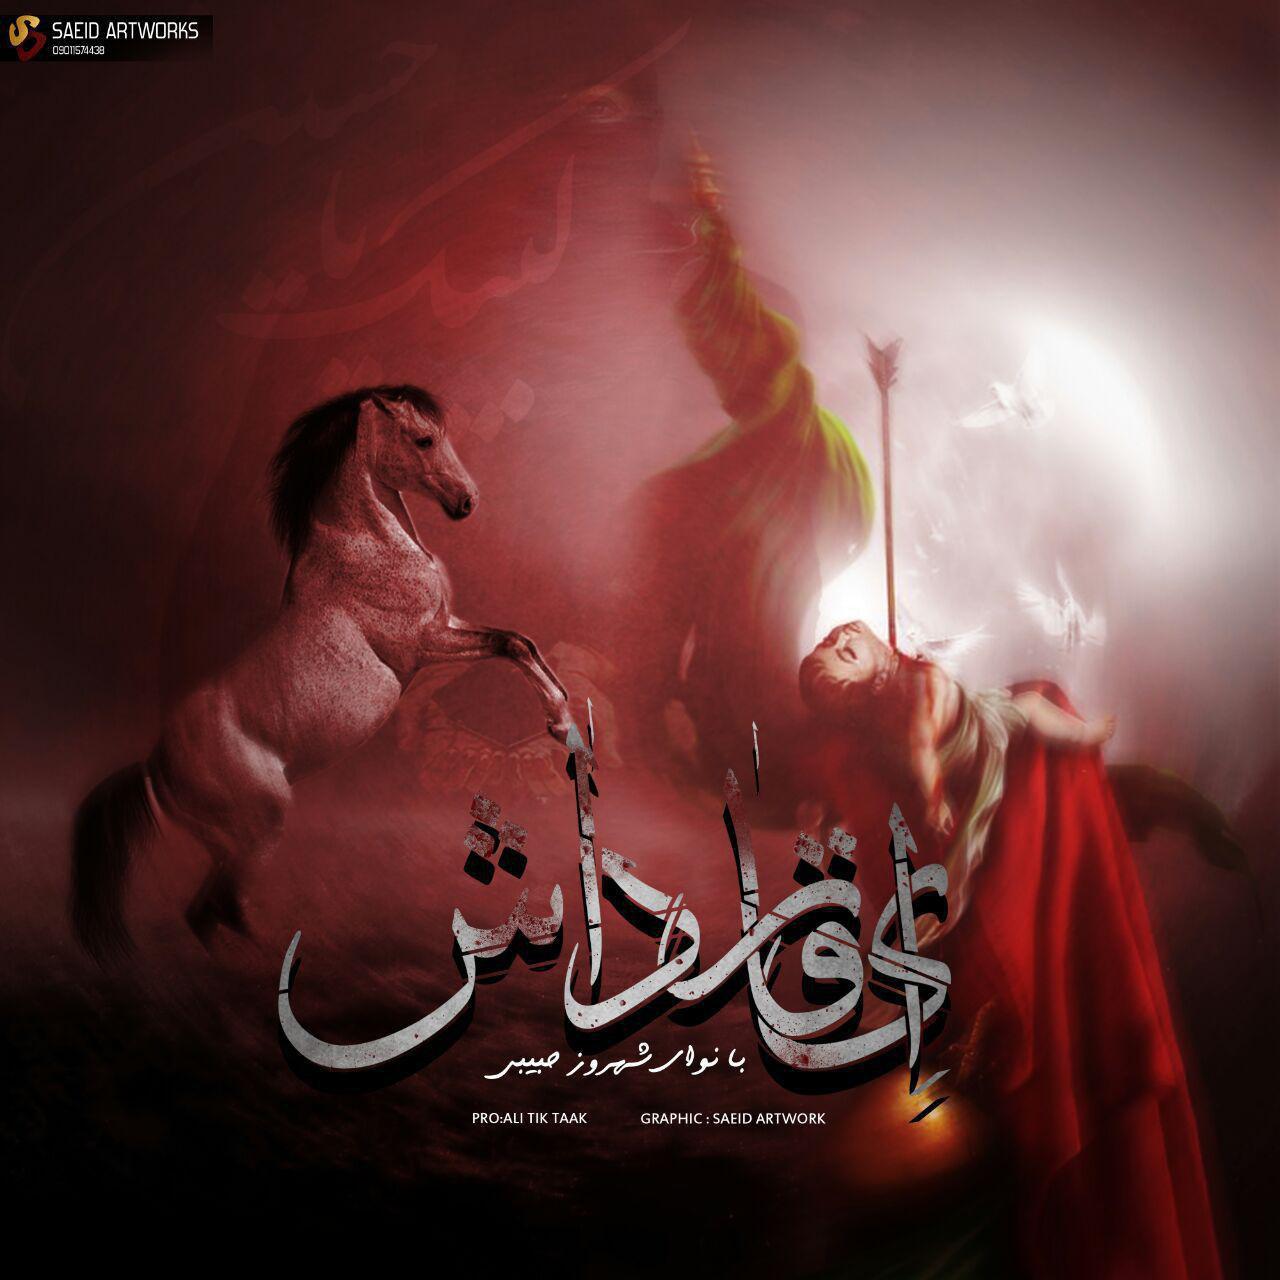 http://s8.picofile.com/file/8341441534/Shahrooz_Habibi_Ey_Qardash.jpg